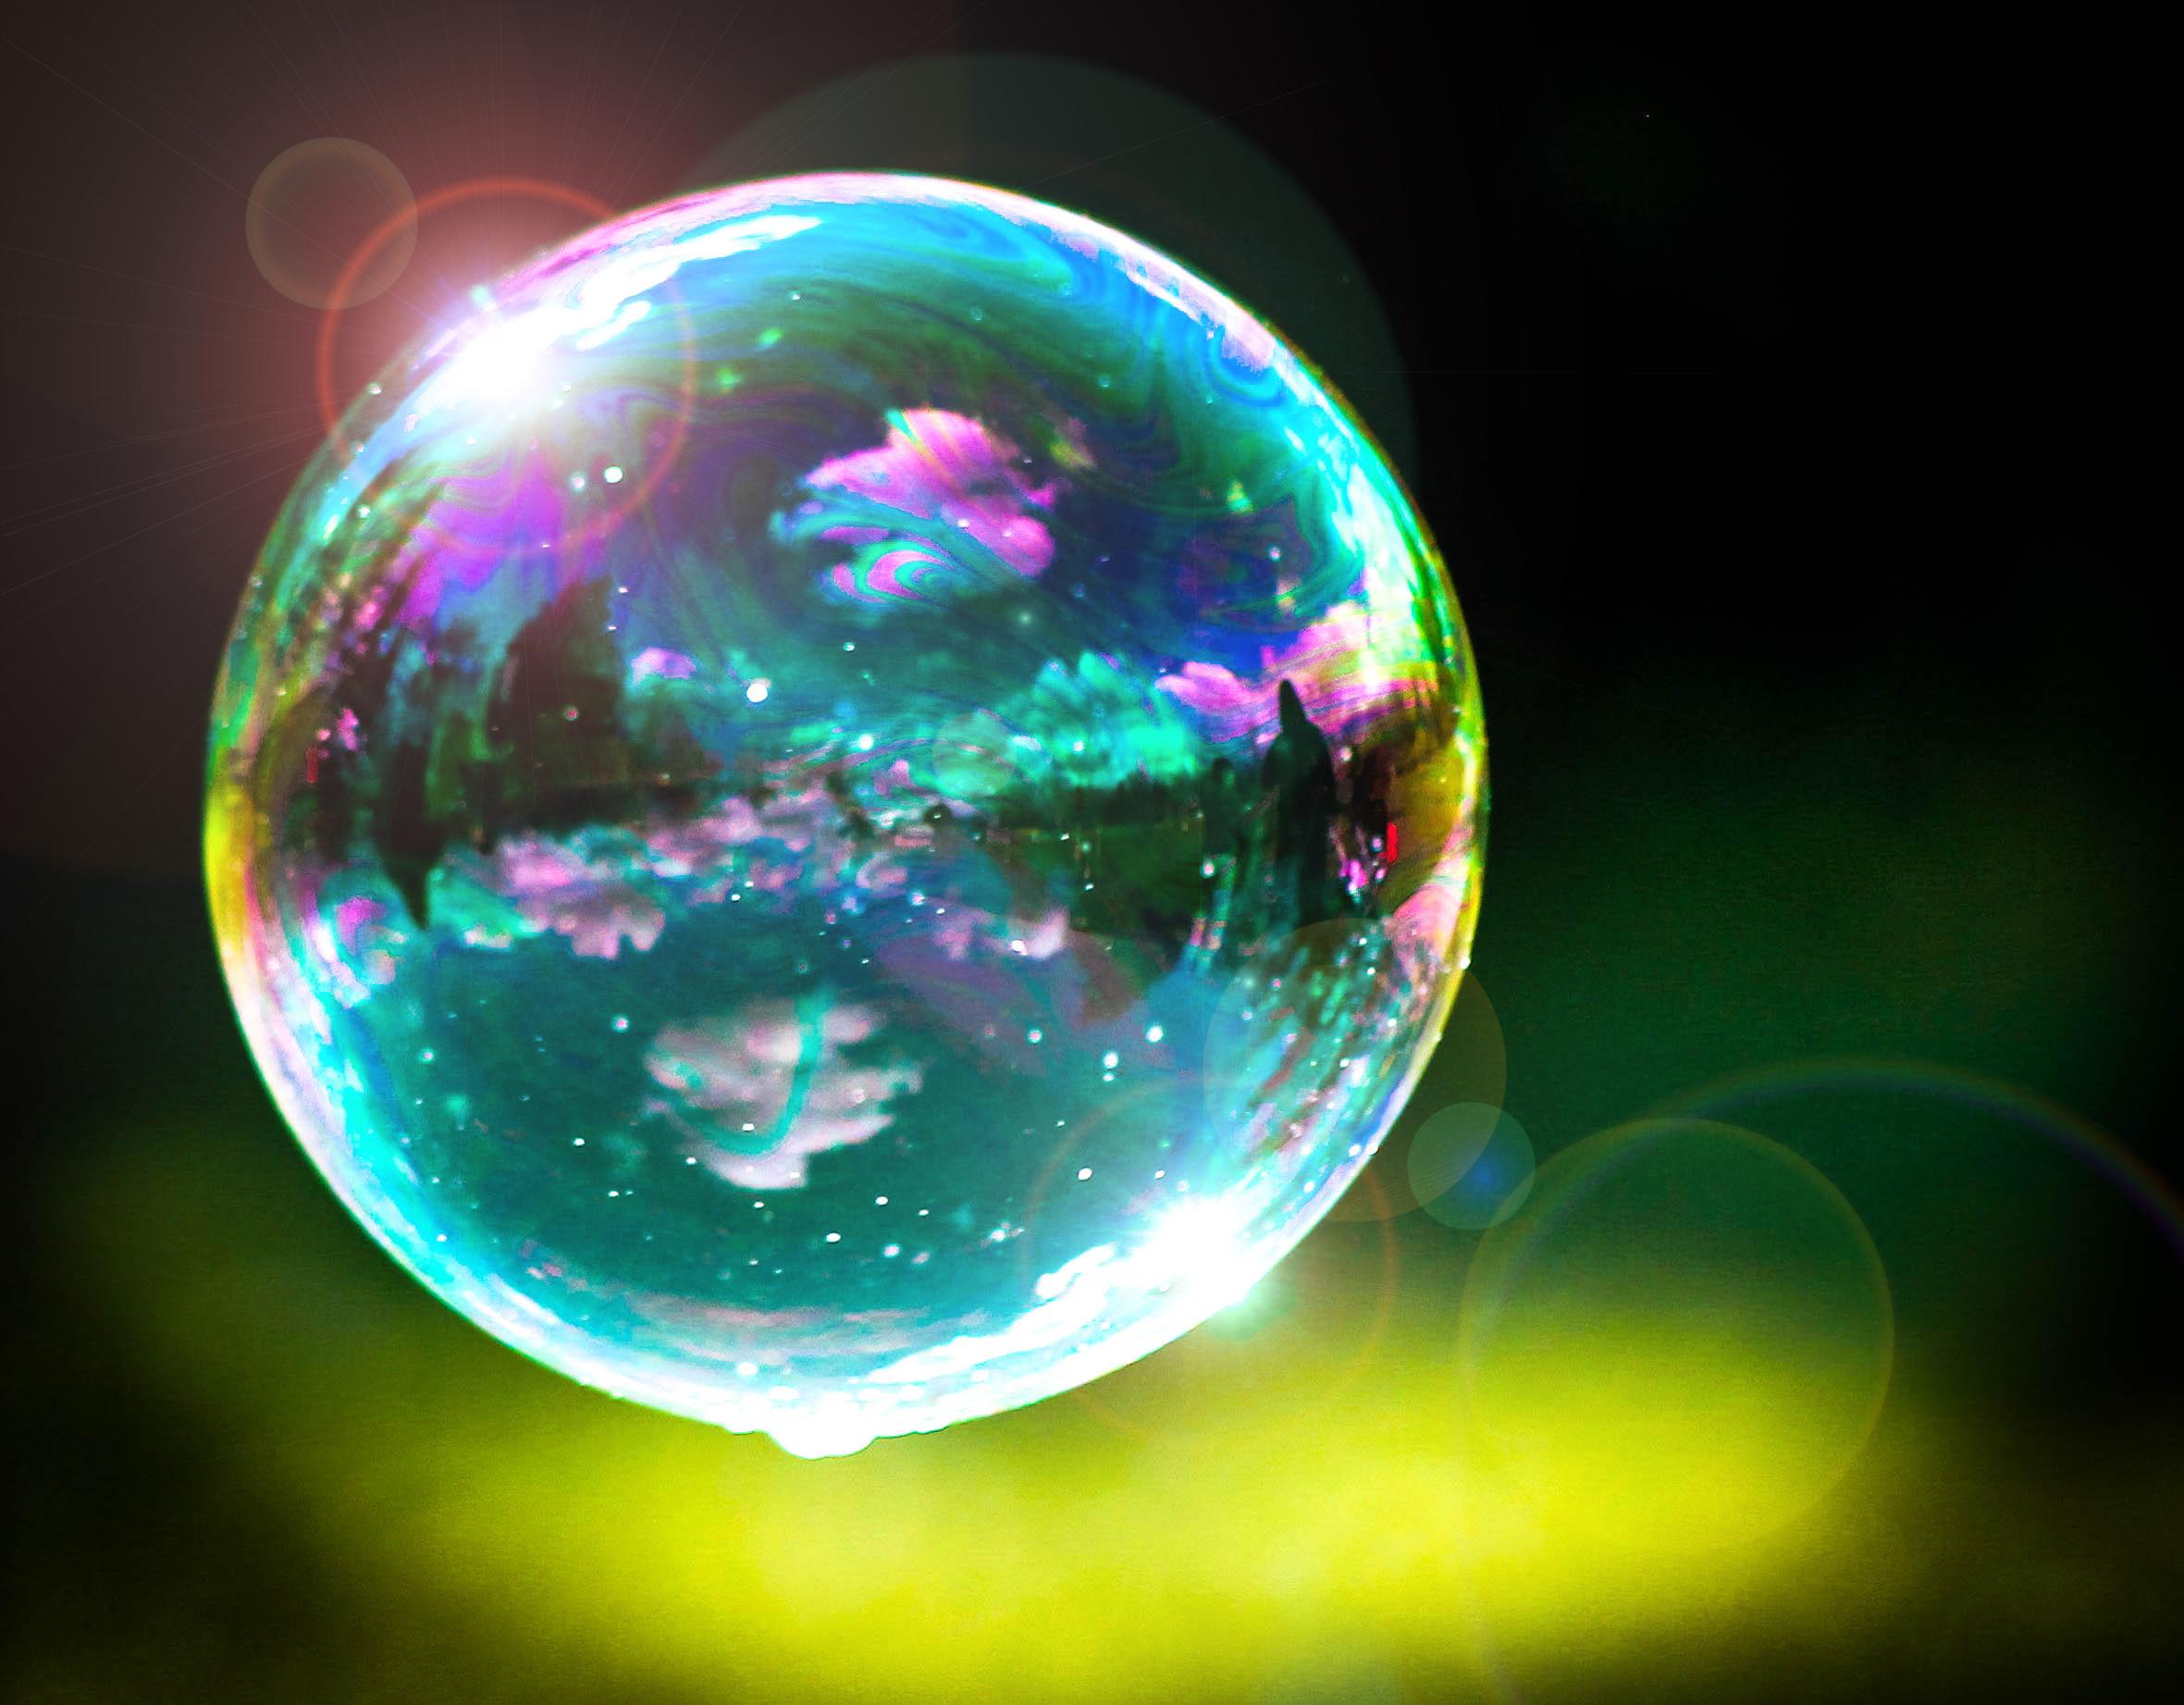 BubbleMagicFlares